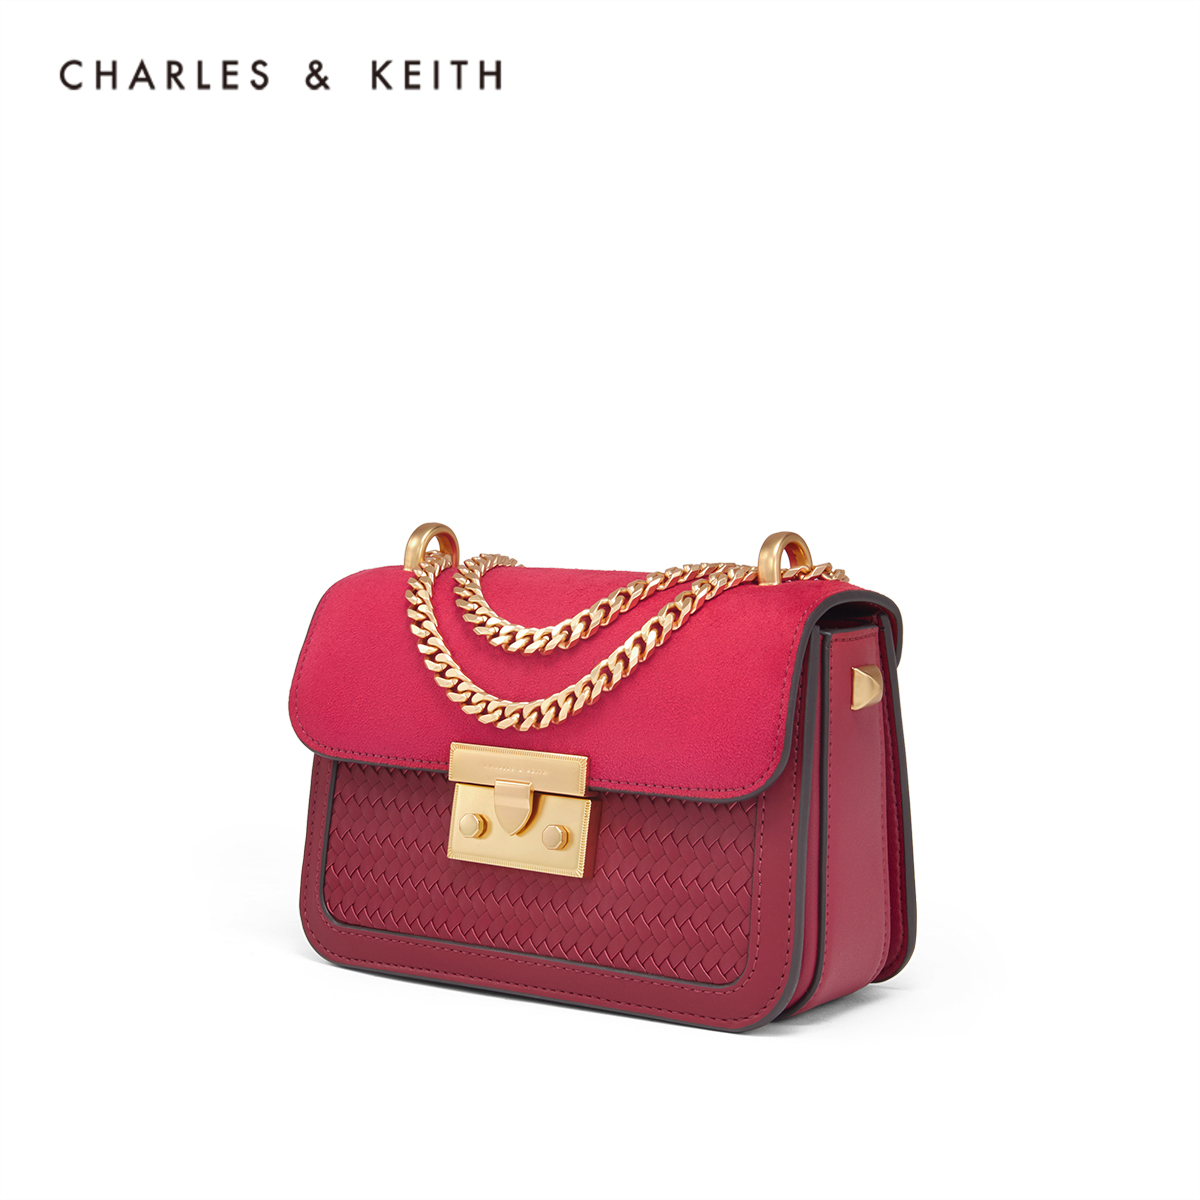 编织格纹饰女士链条小方包 80700798 CK2 单肩包 KEITH & CHARLES